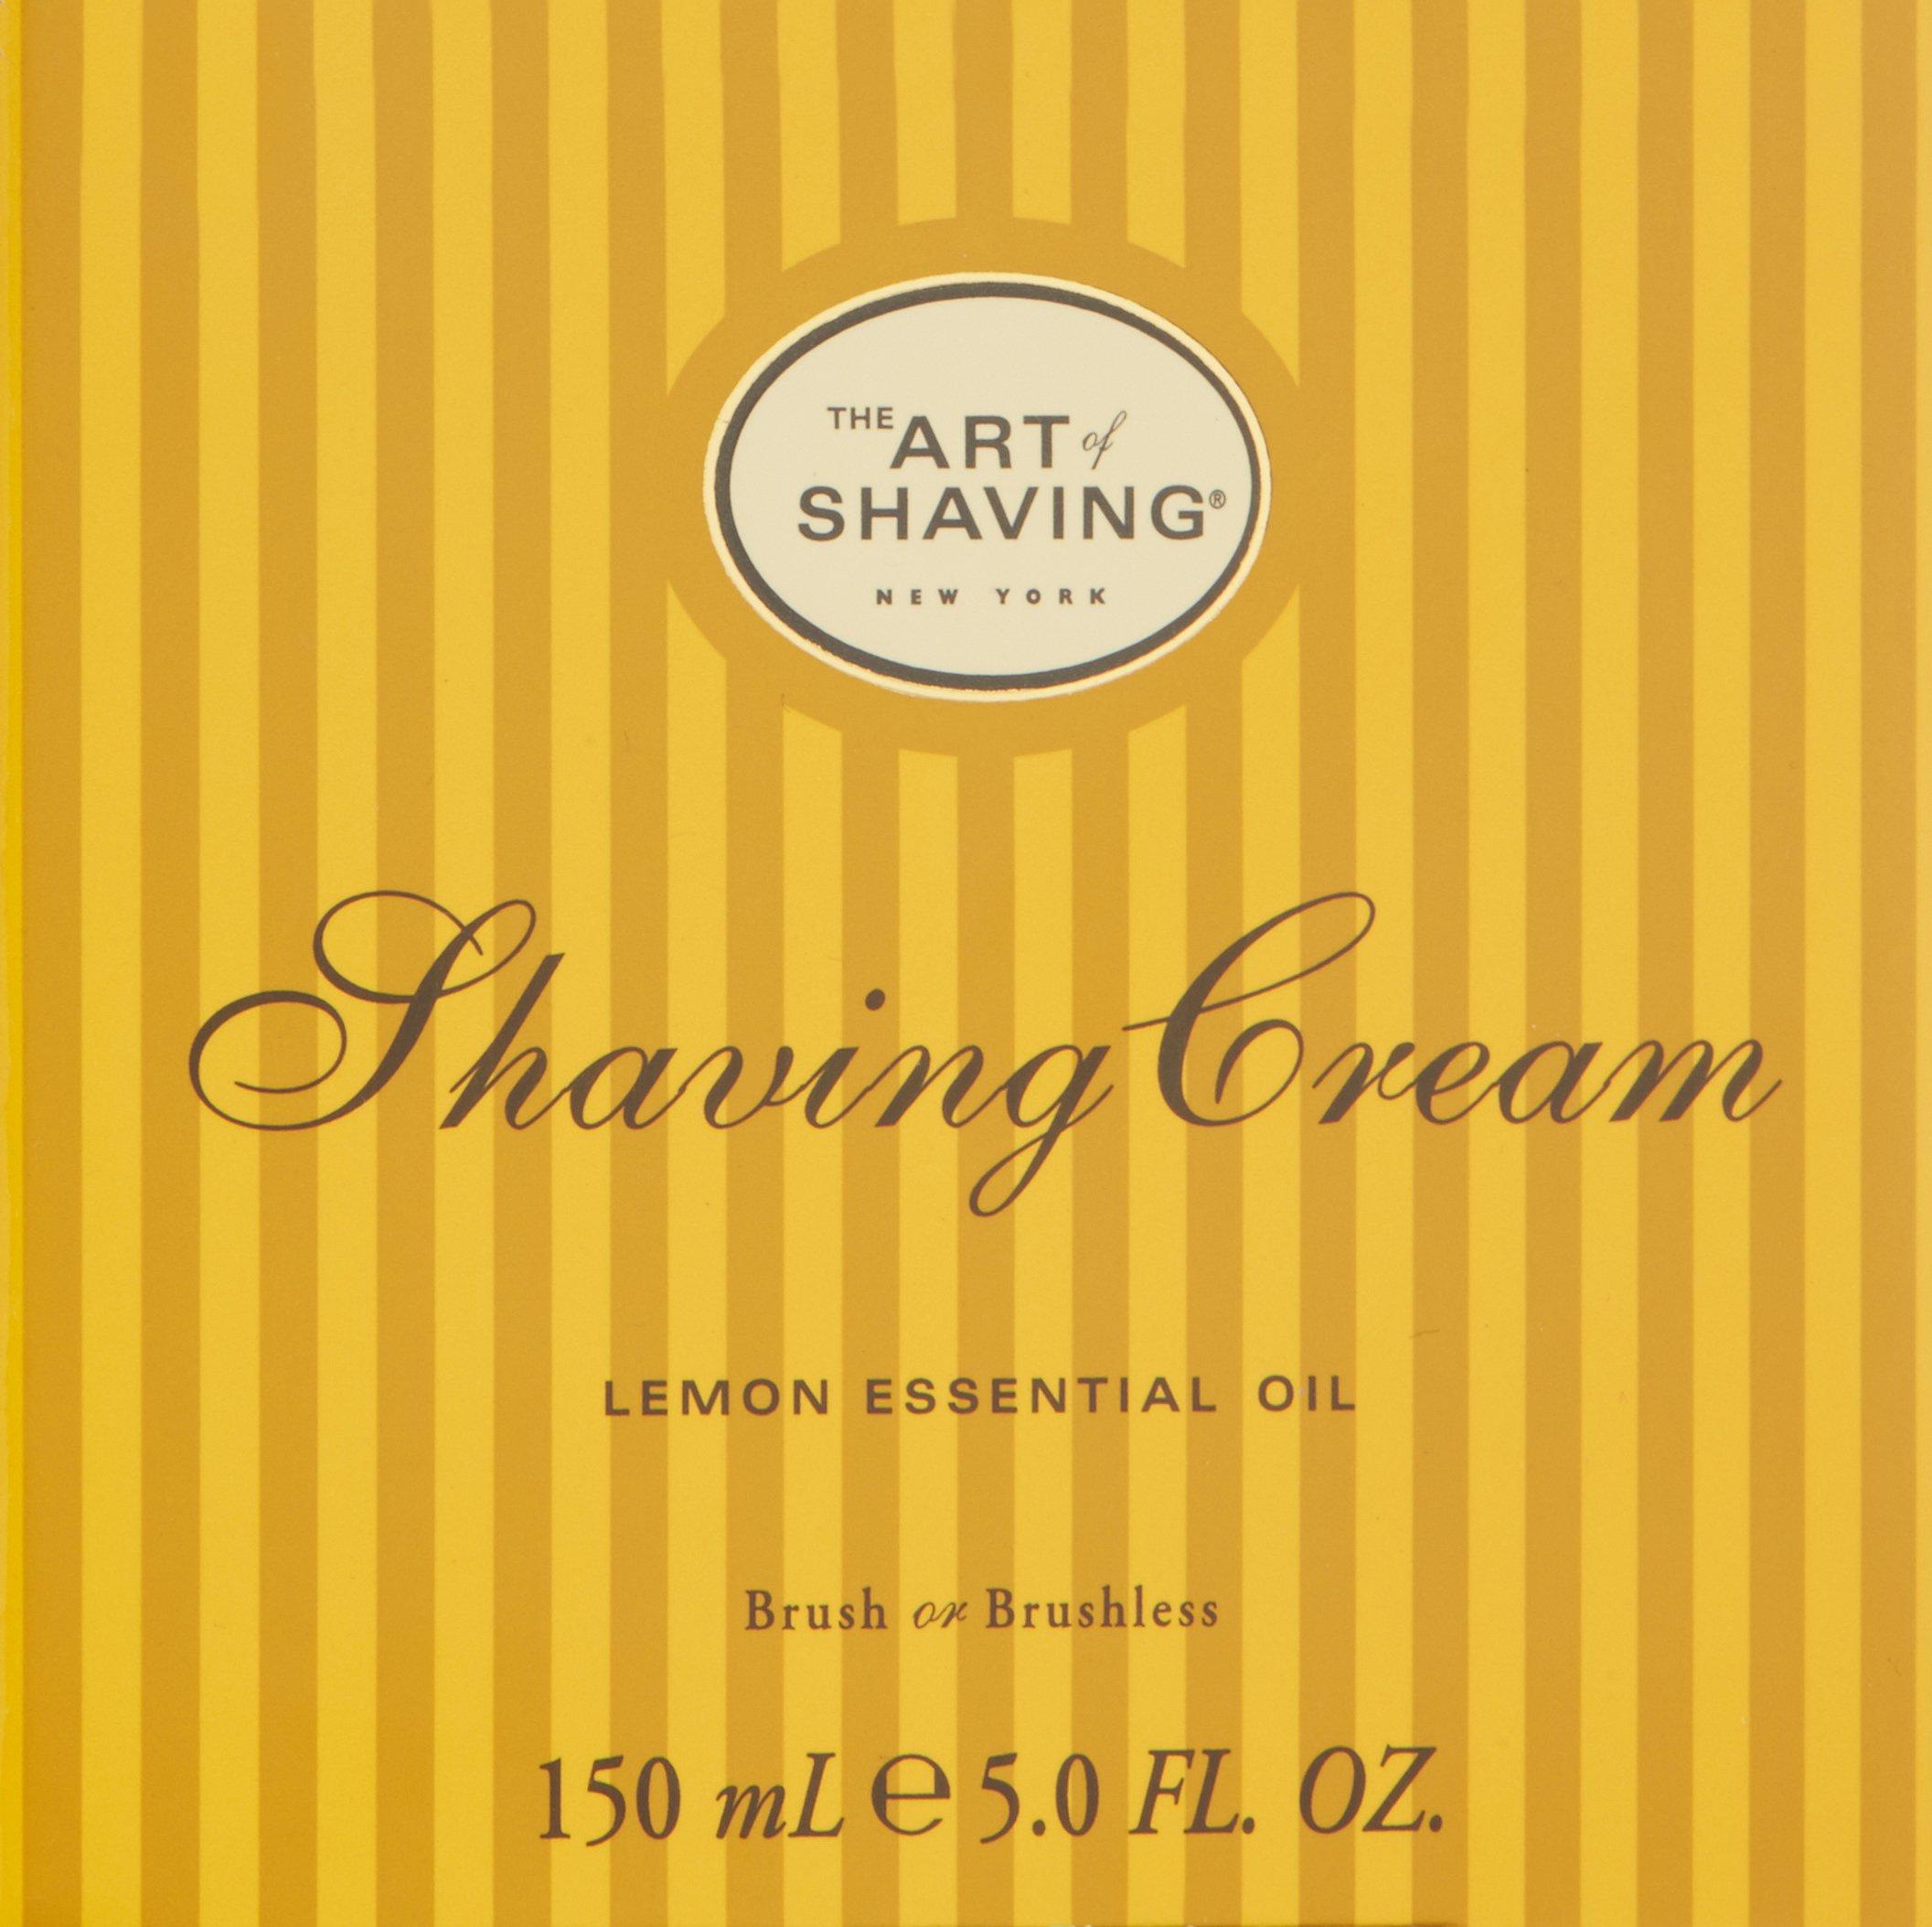 The Art of Shaving Shaving Cream, Lemon, 5 fl. oz. by The Art of Shaving (Image #3)